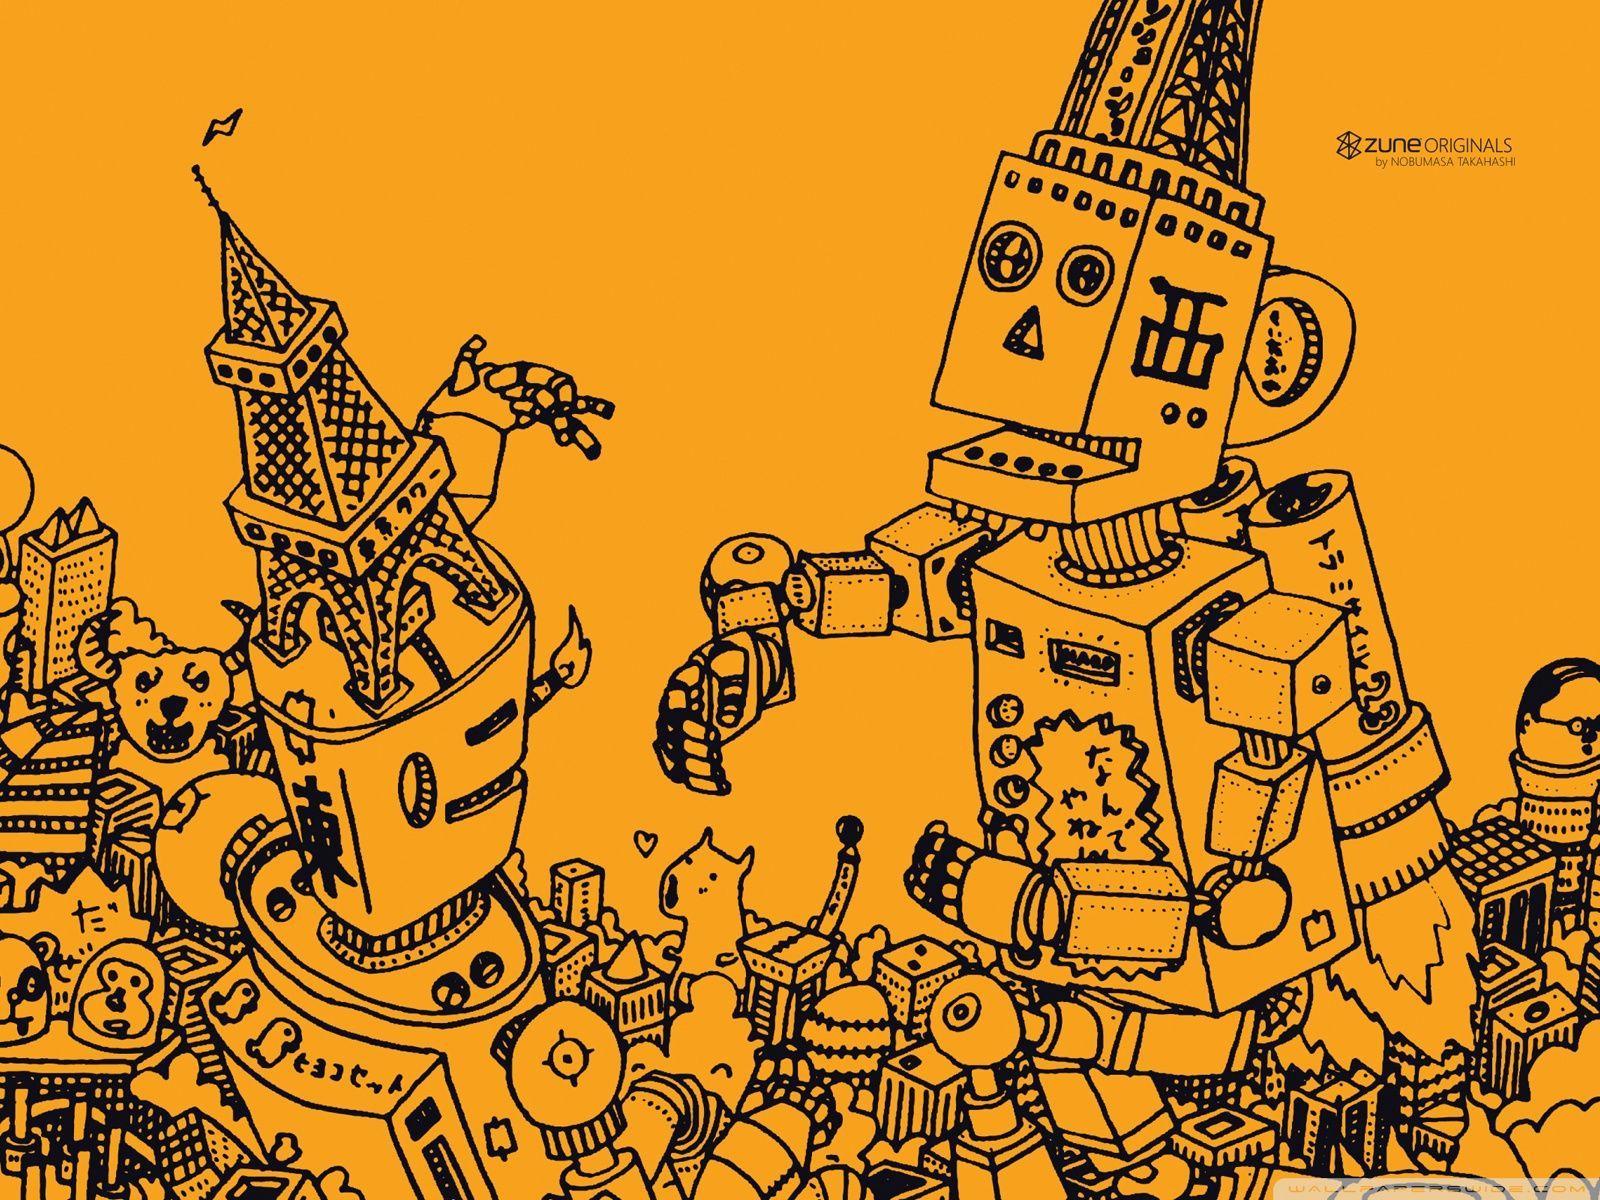 Cartoon Robot Wallpapers - Top Free Cartoon Robot ...